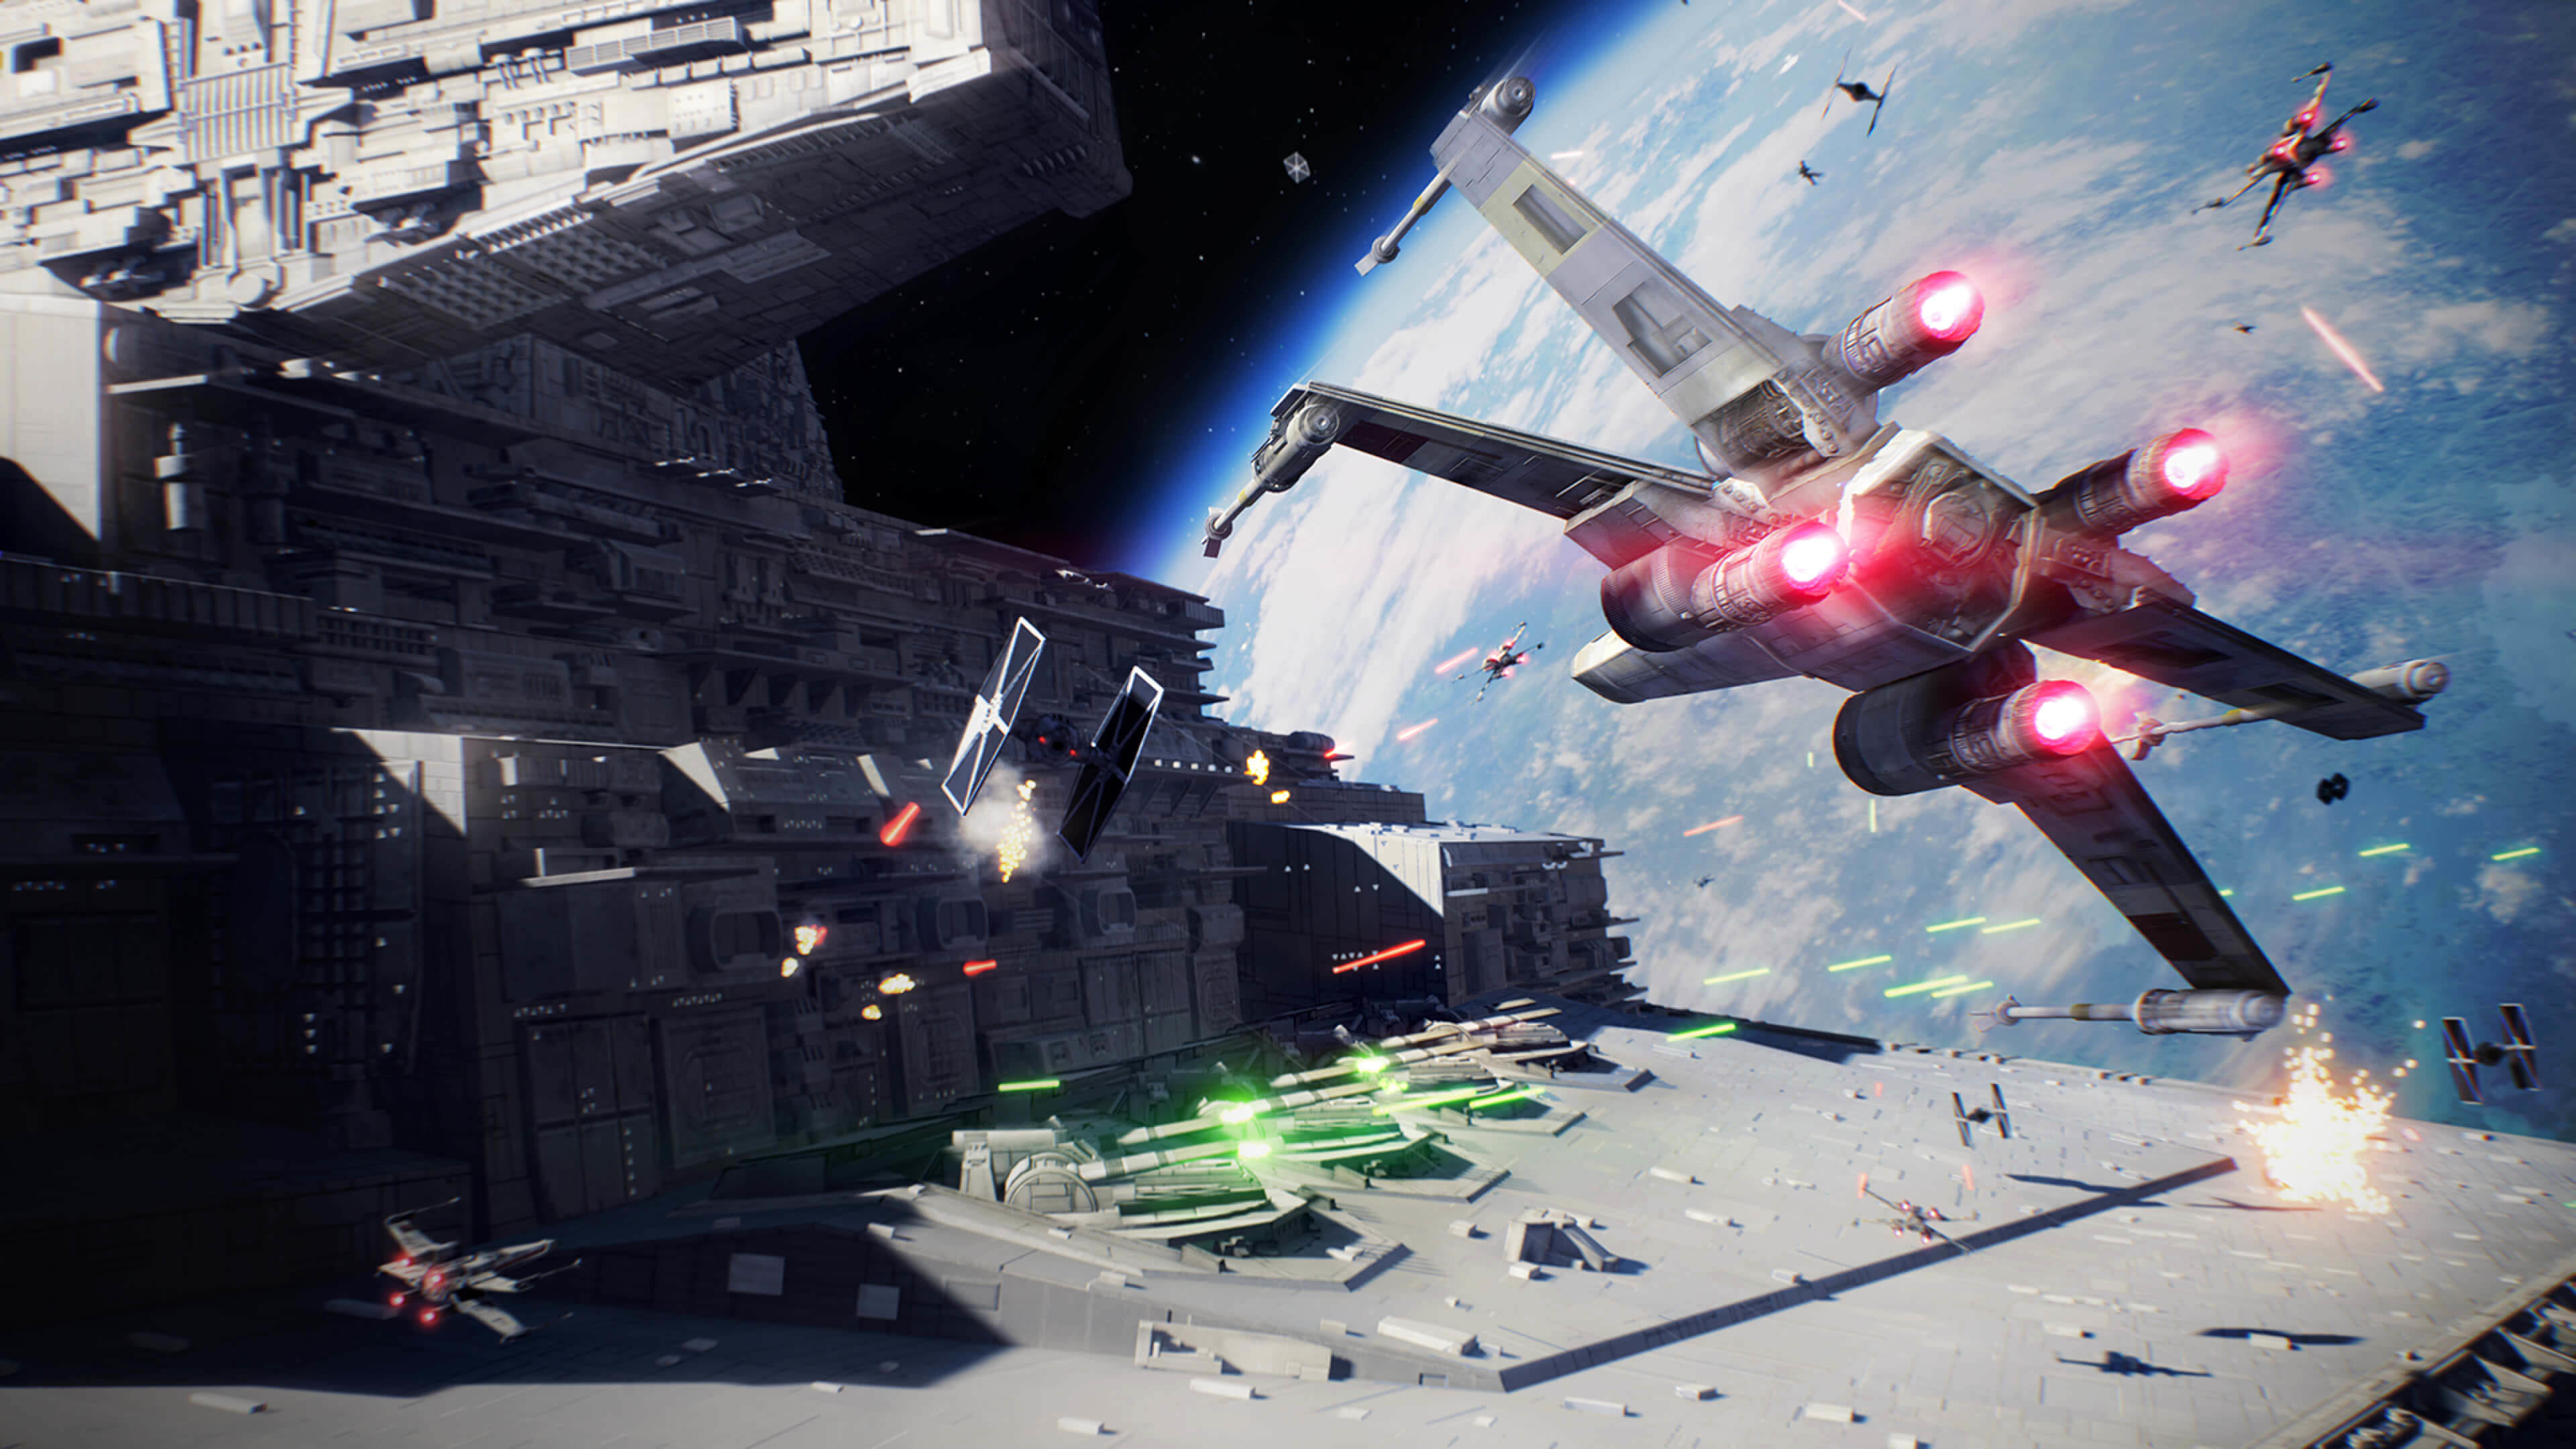 Star Wars: Battlefront II Space Battle wallpaper